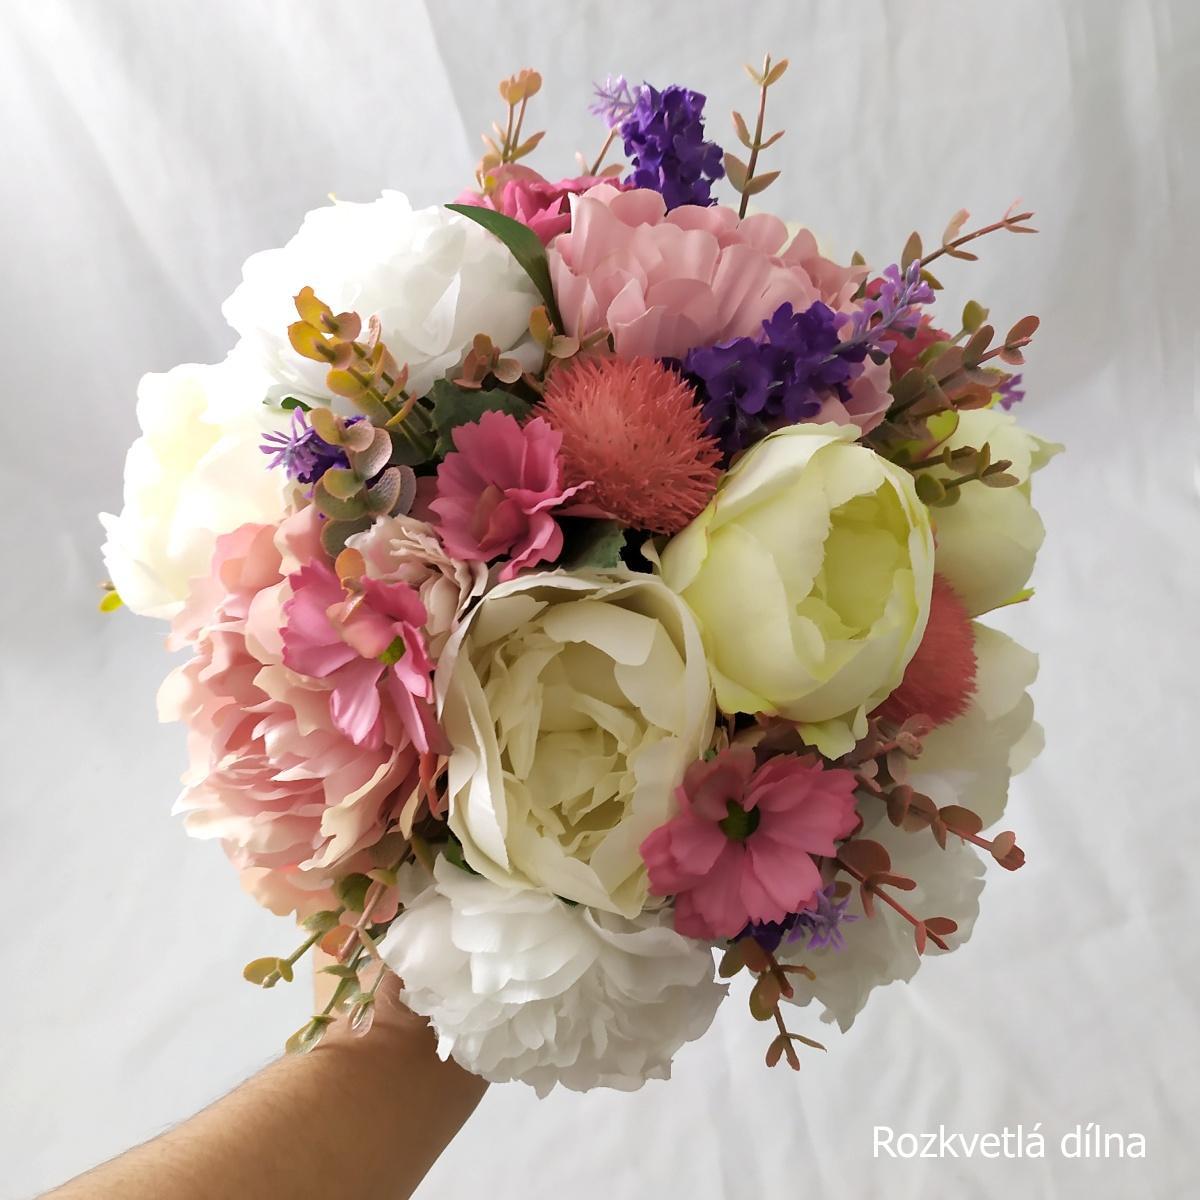 Látkové květiny z Rozkvetlé dílny - Obrázek č. 3